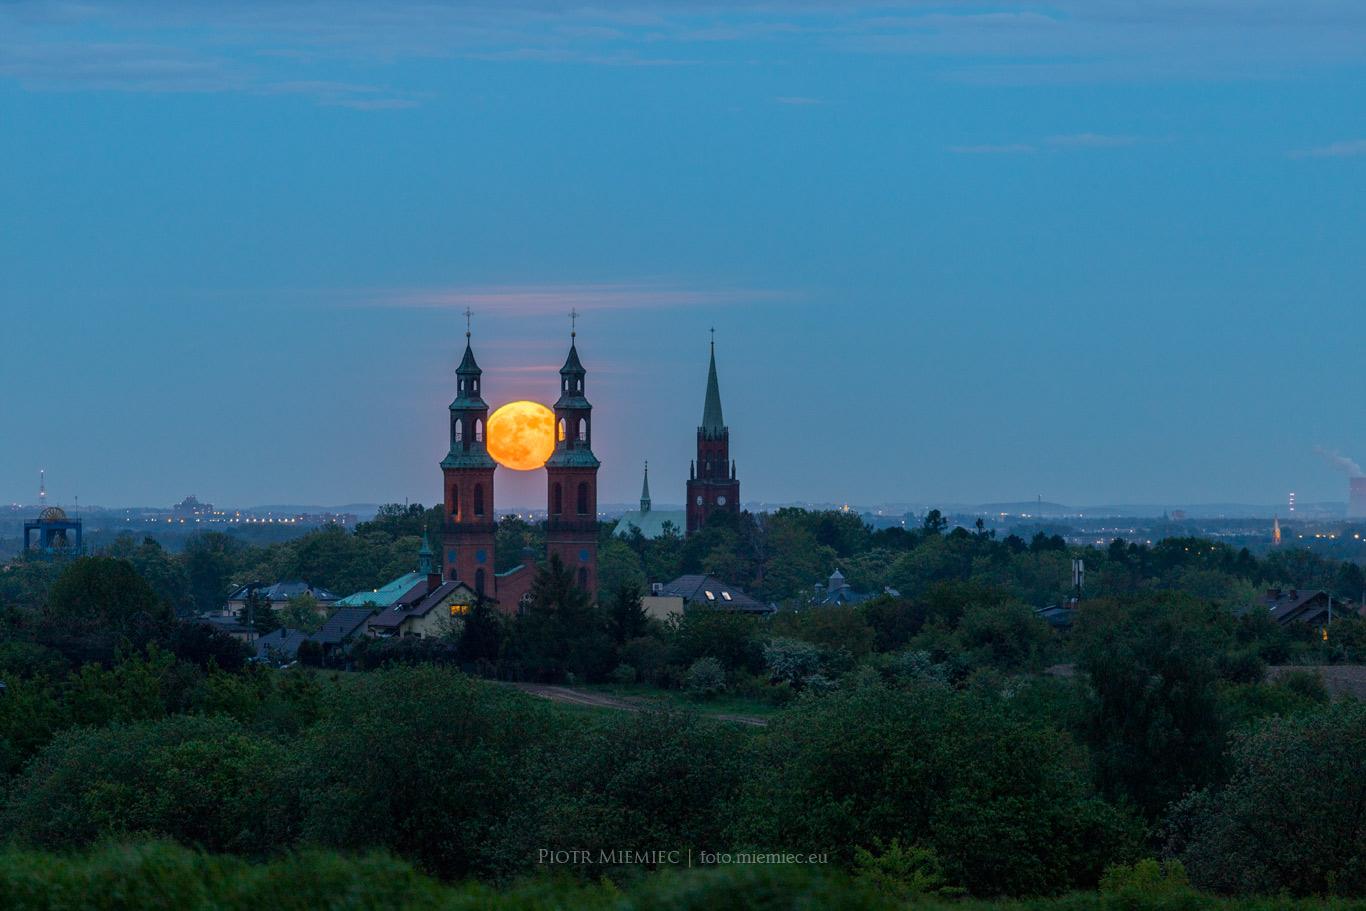 Wschód księżyca nad bazyliką w Piekarach Śląskich